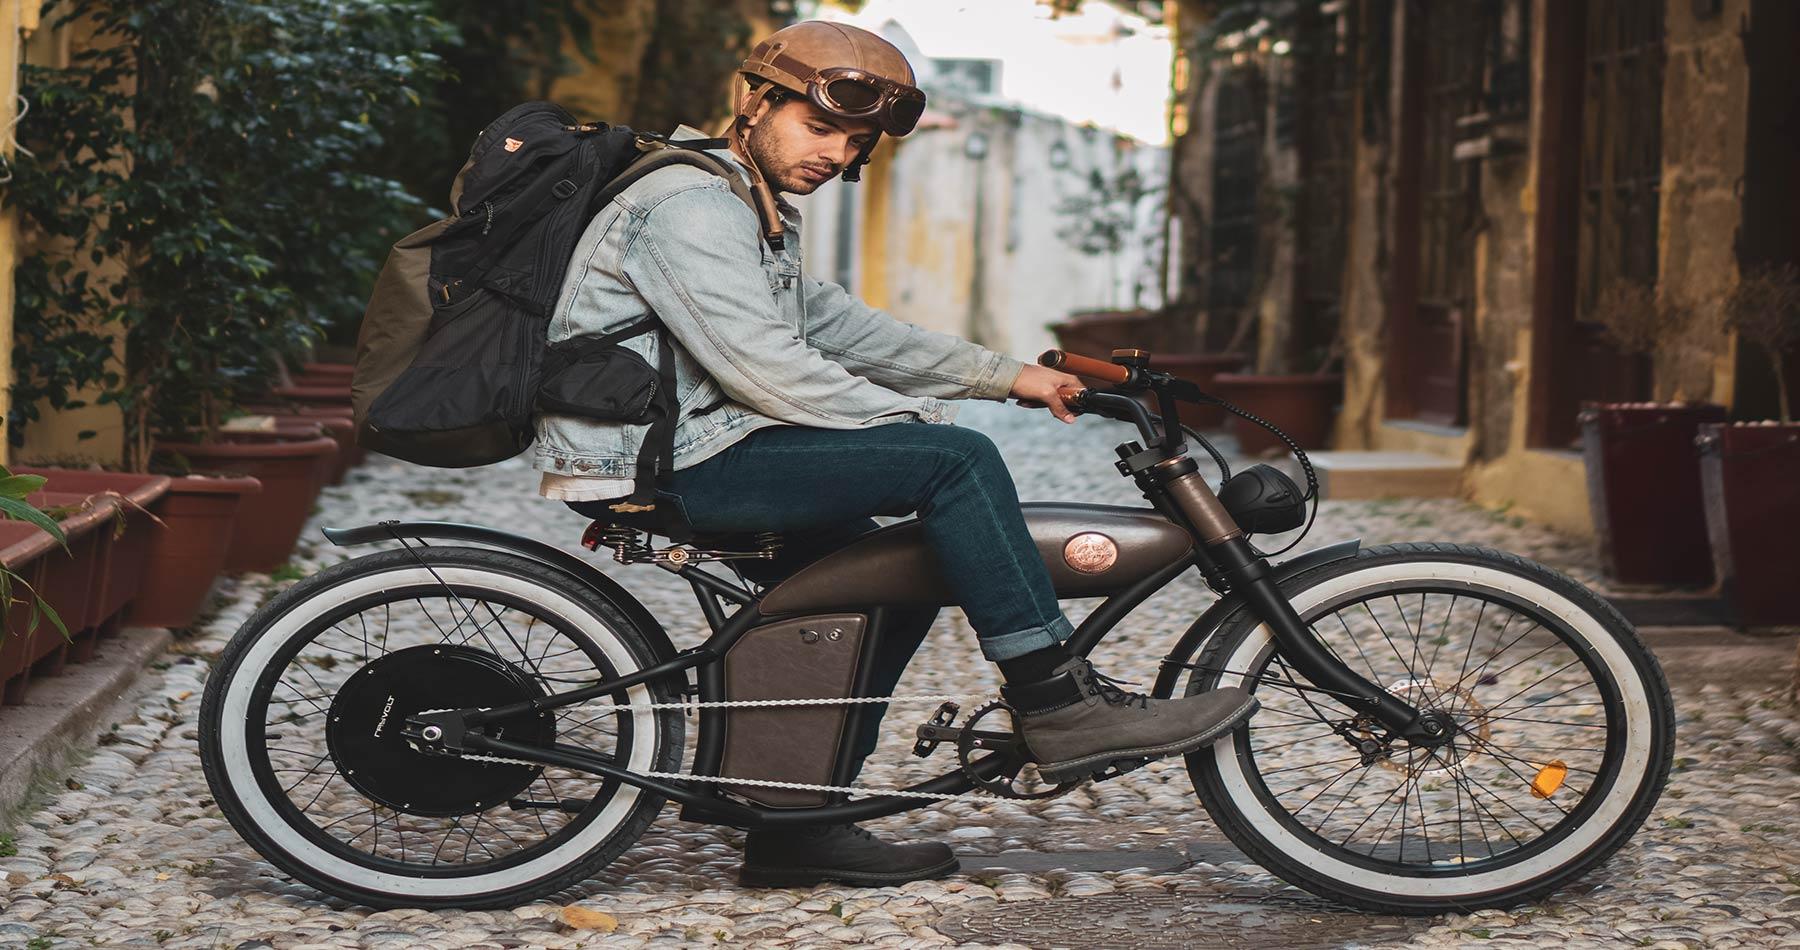 rhodes experiences odix retro bikes 8